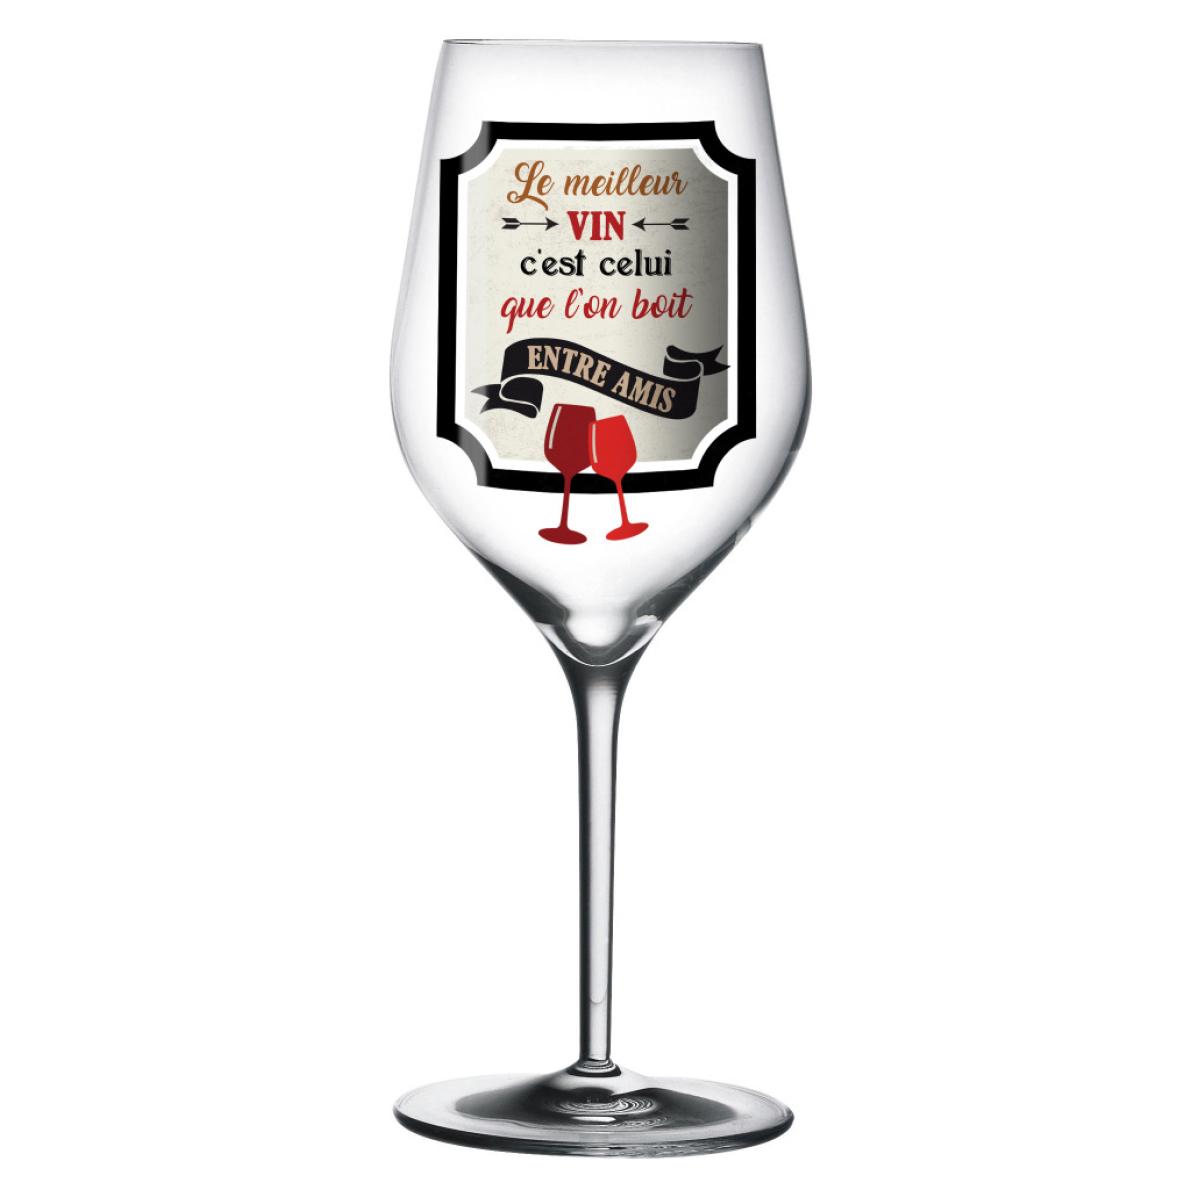 Verre à vin \'Messages\' (Le meilleur vin c\'est celui que l\'on boit entre Amis) - 23 cm - [Q3901]